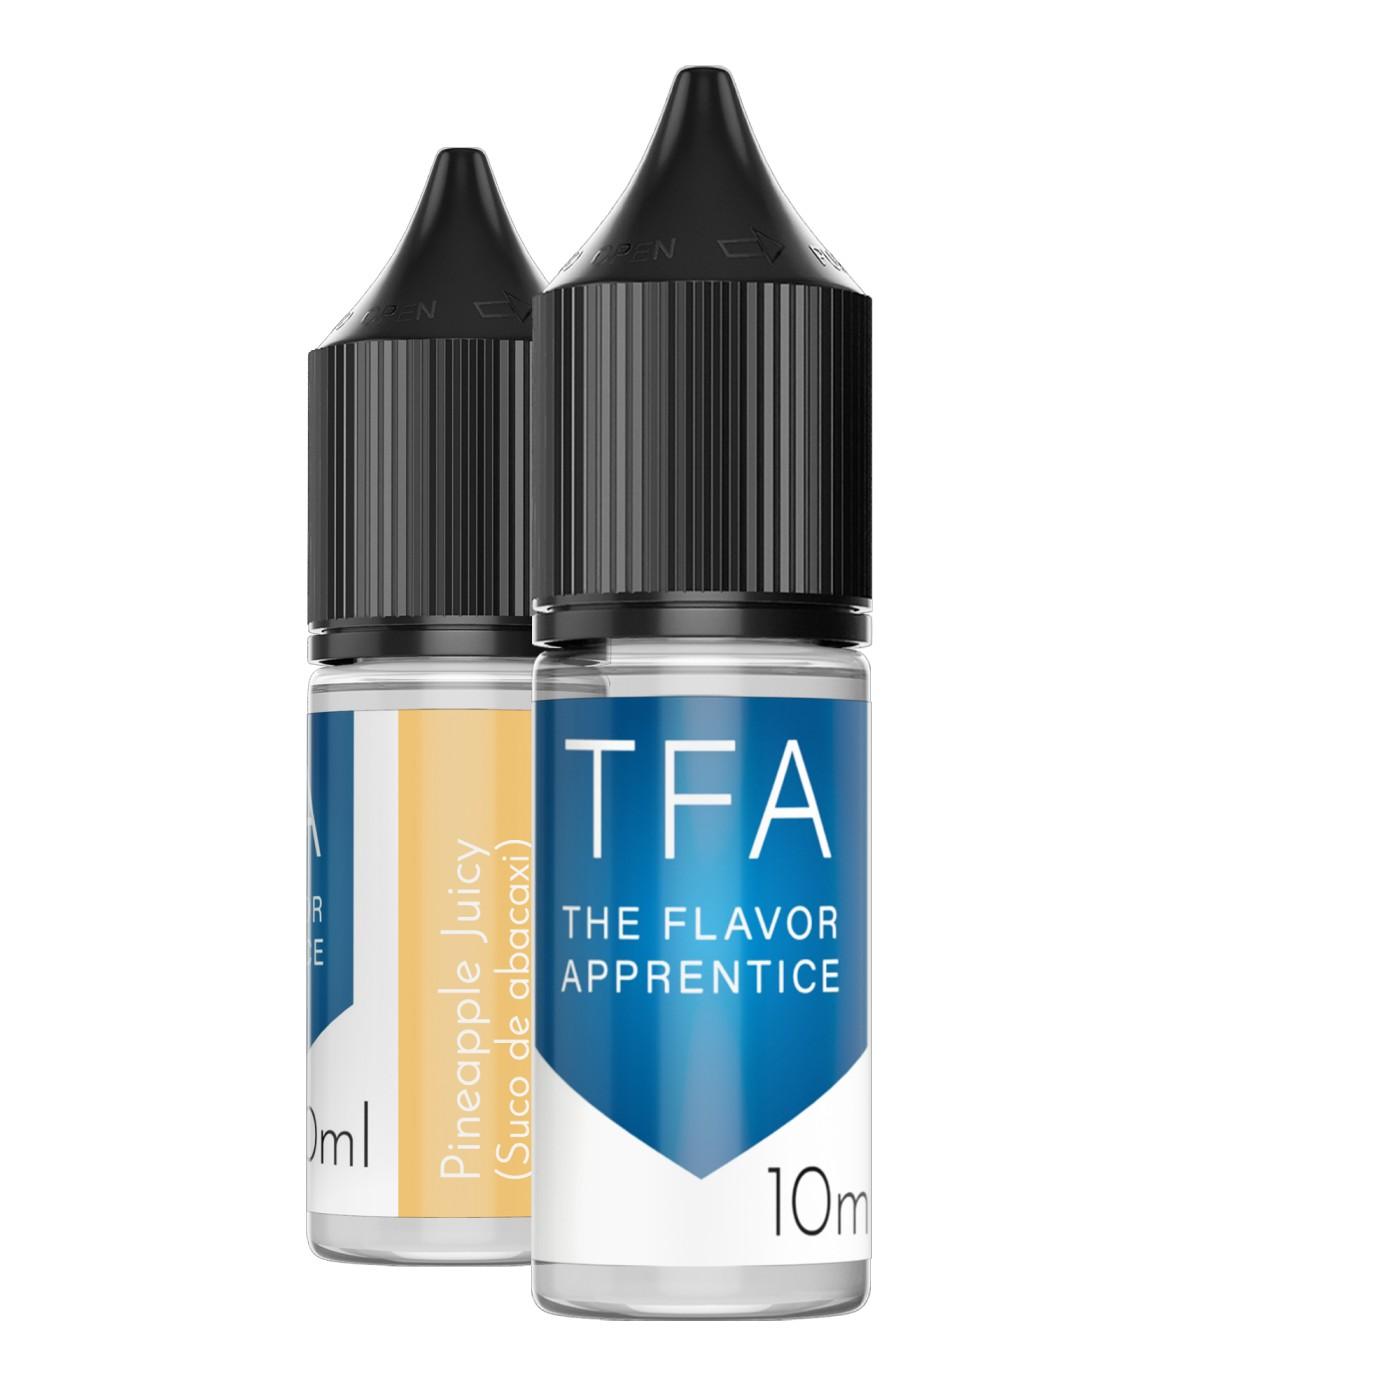 Flavor Apprentice (TPA) Pineapple Juicy 10ml